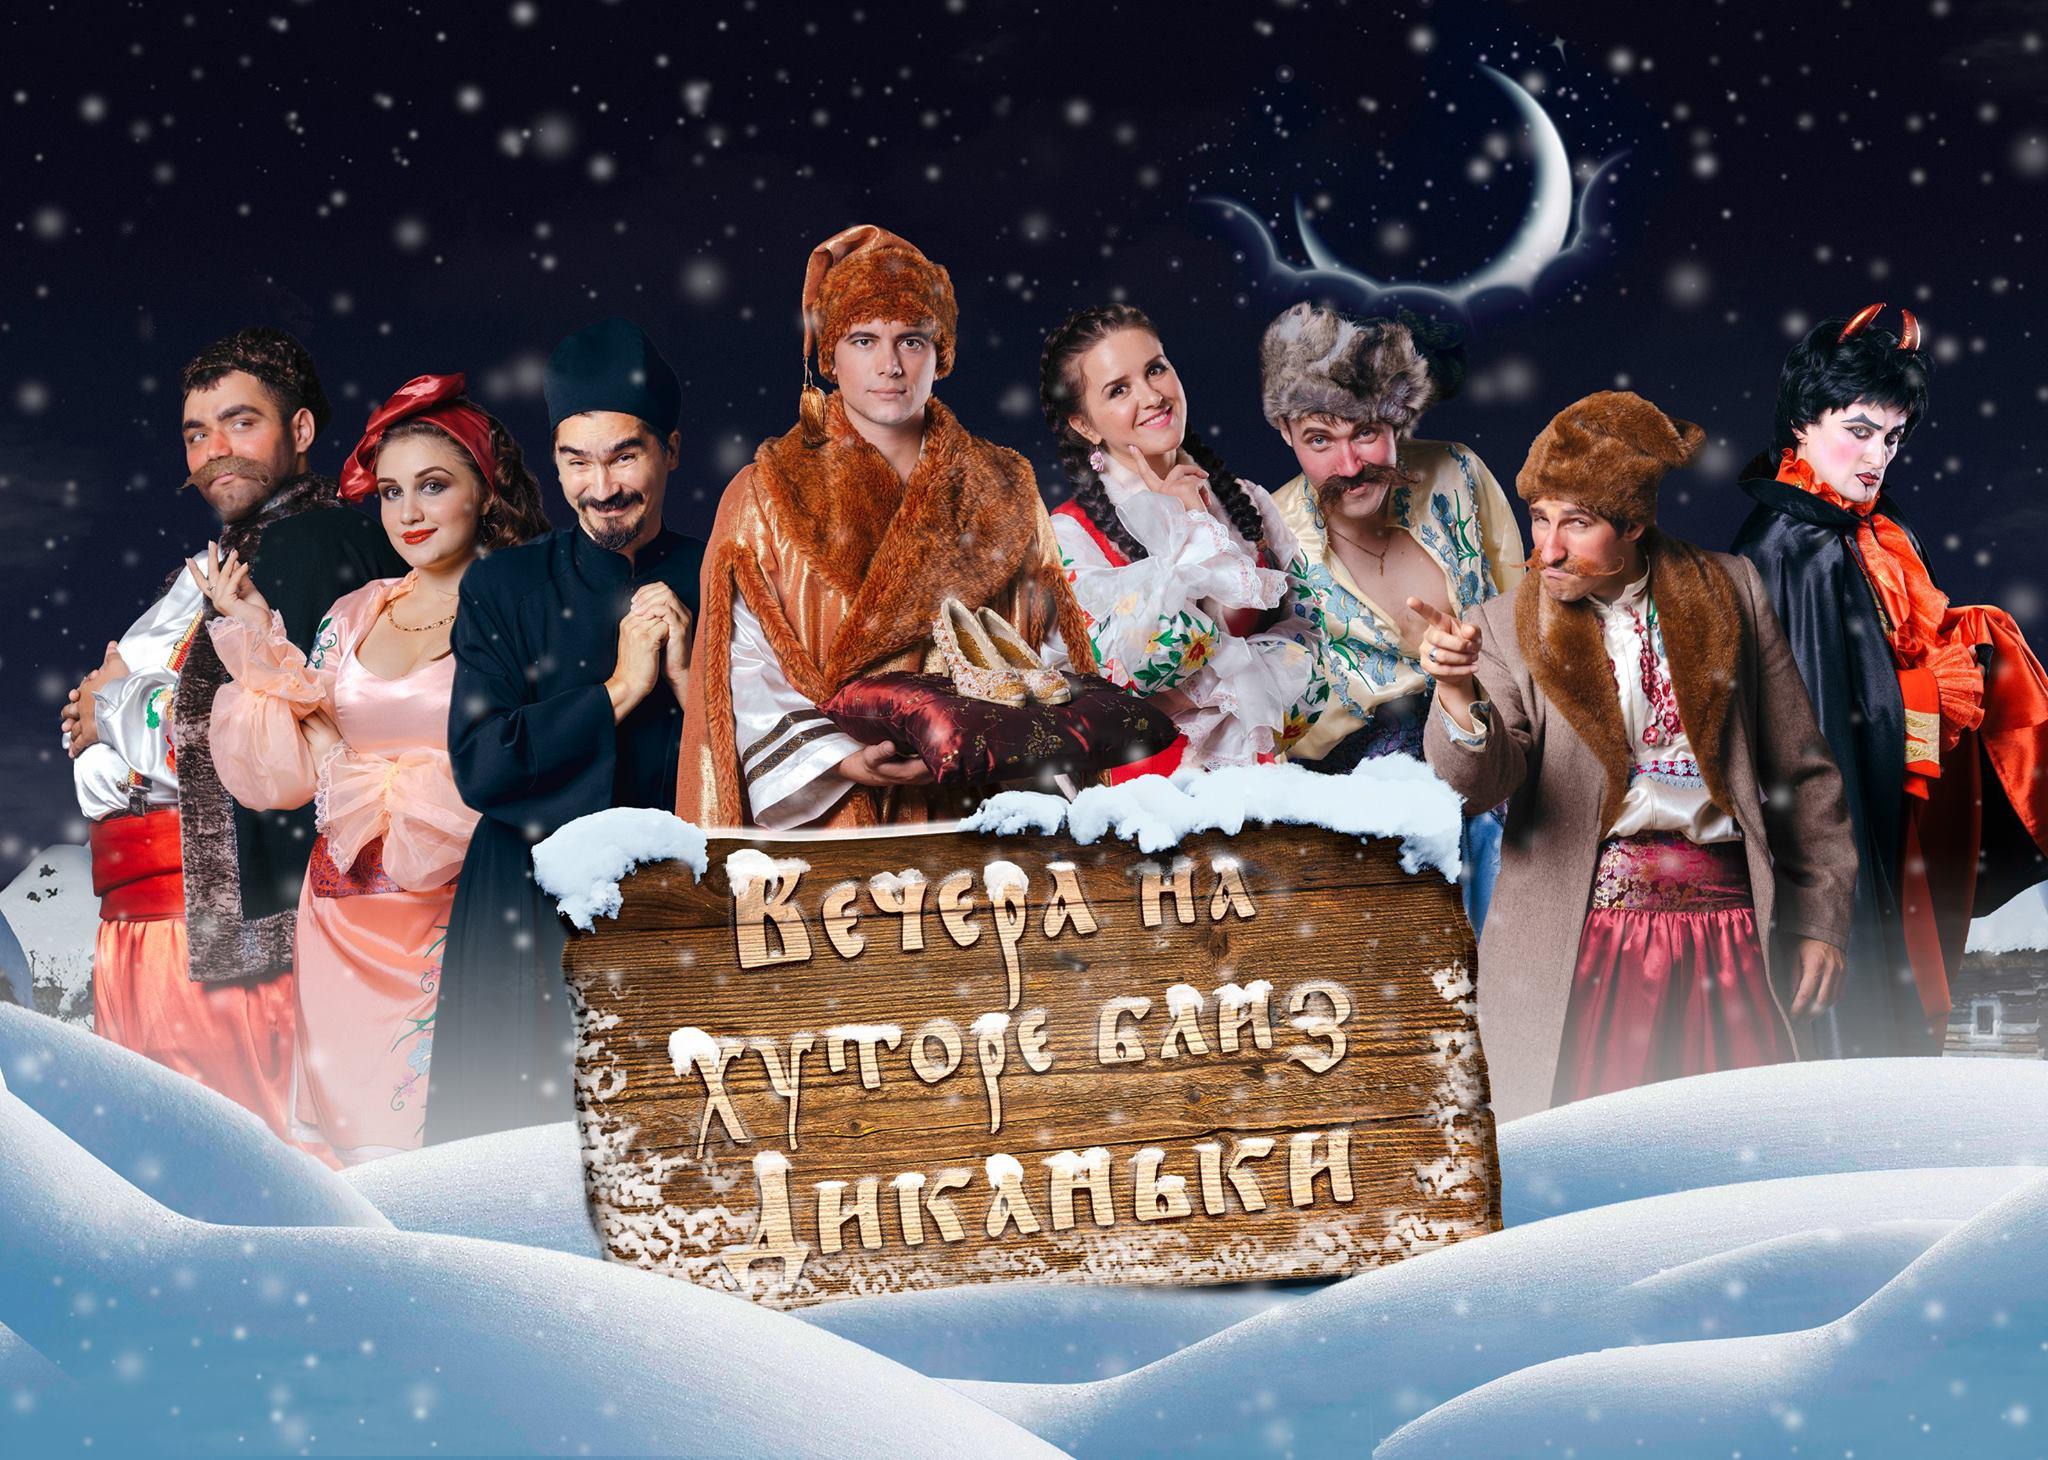 Рождественская сказка Константина Меладзе скоро в Израиле